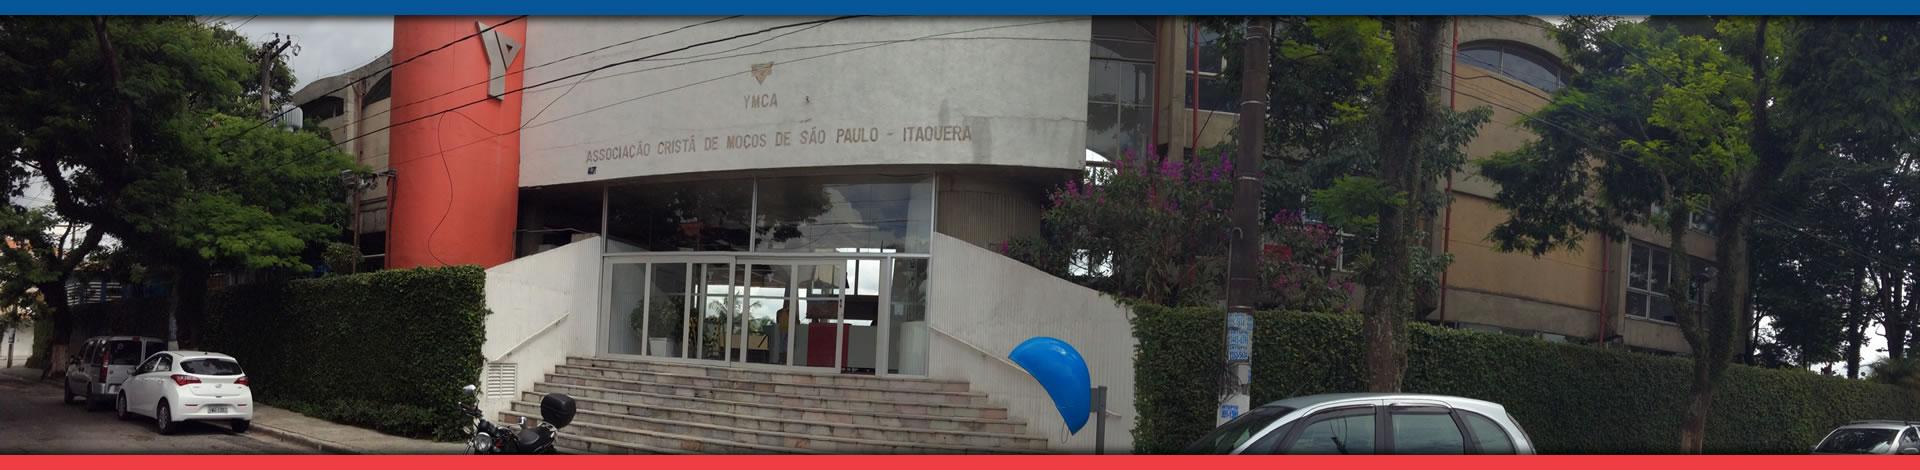 slide-itaquera-fachada